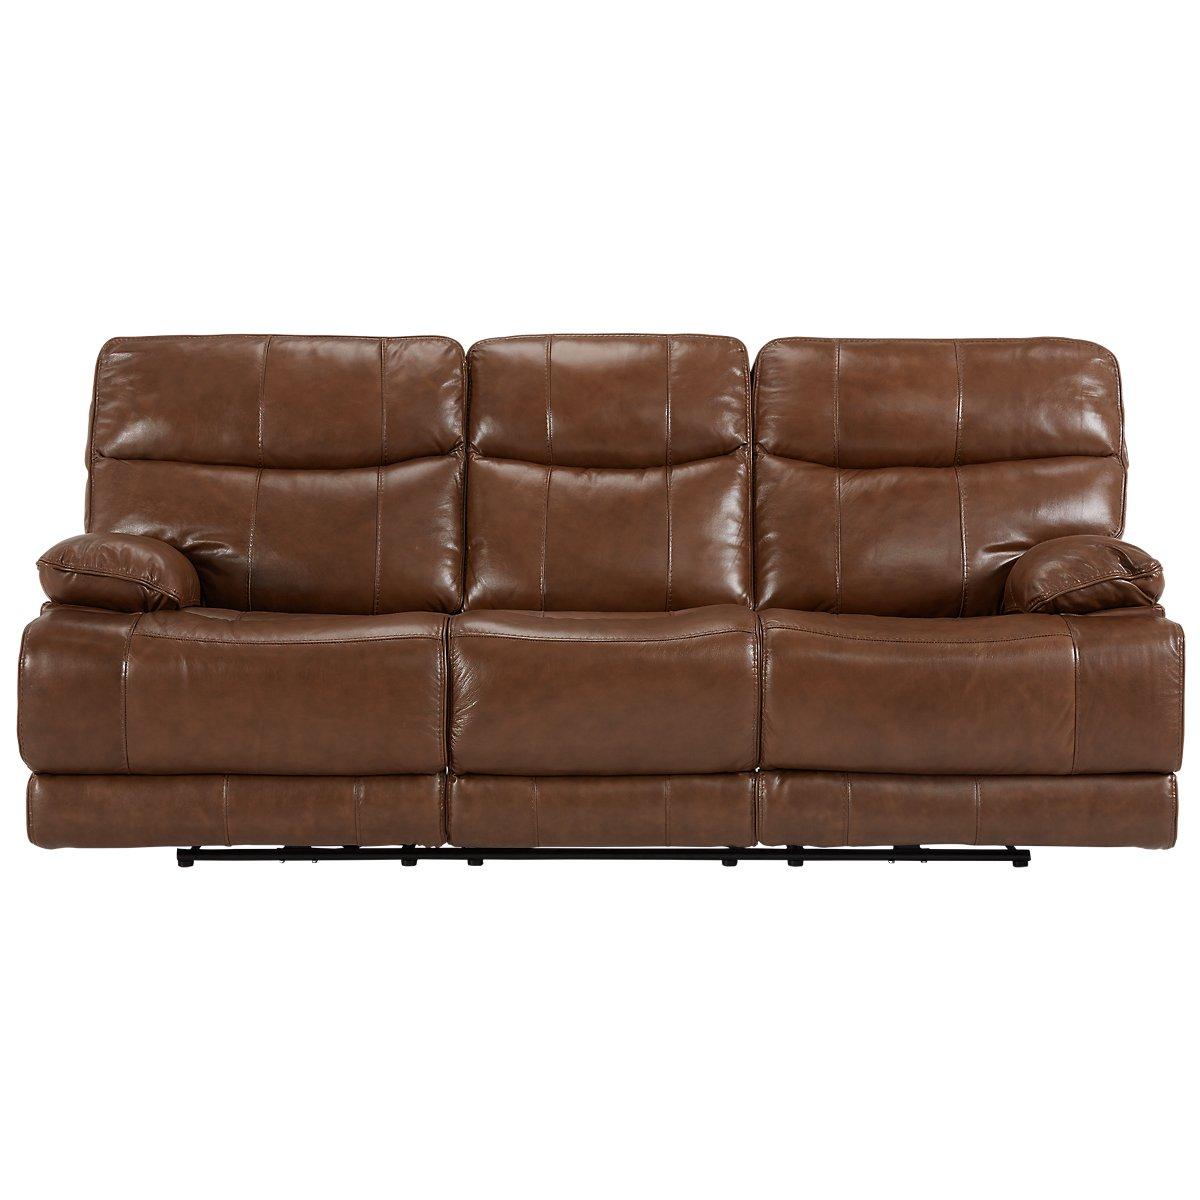 Liam Medium Brown Leather Amp Vinyl Reclining Sofa